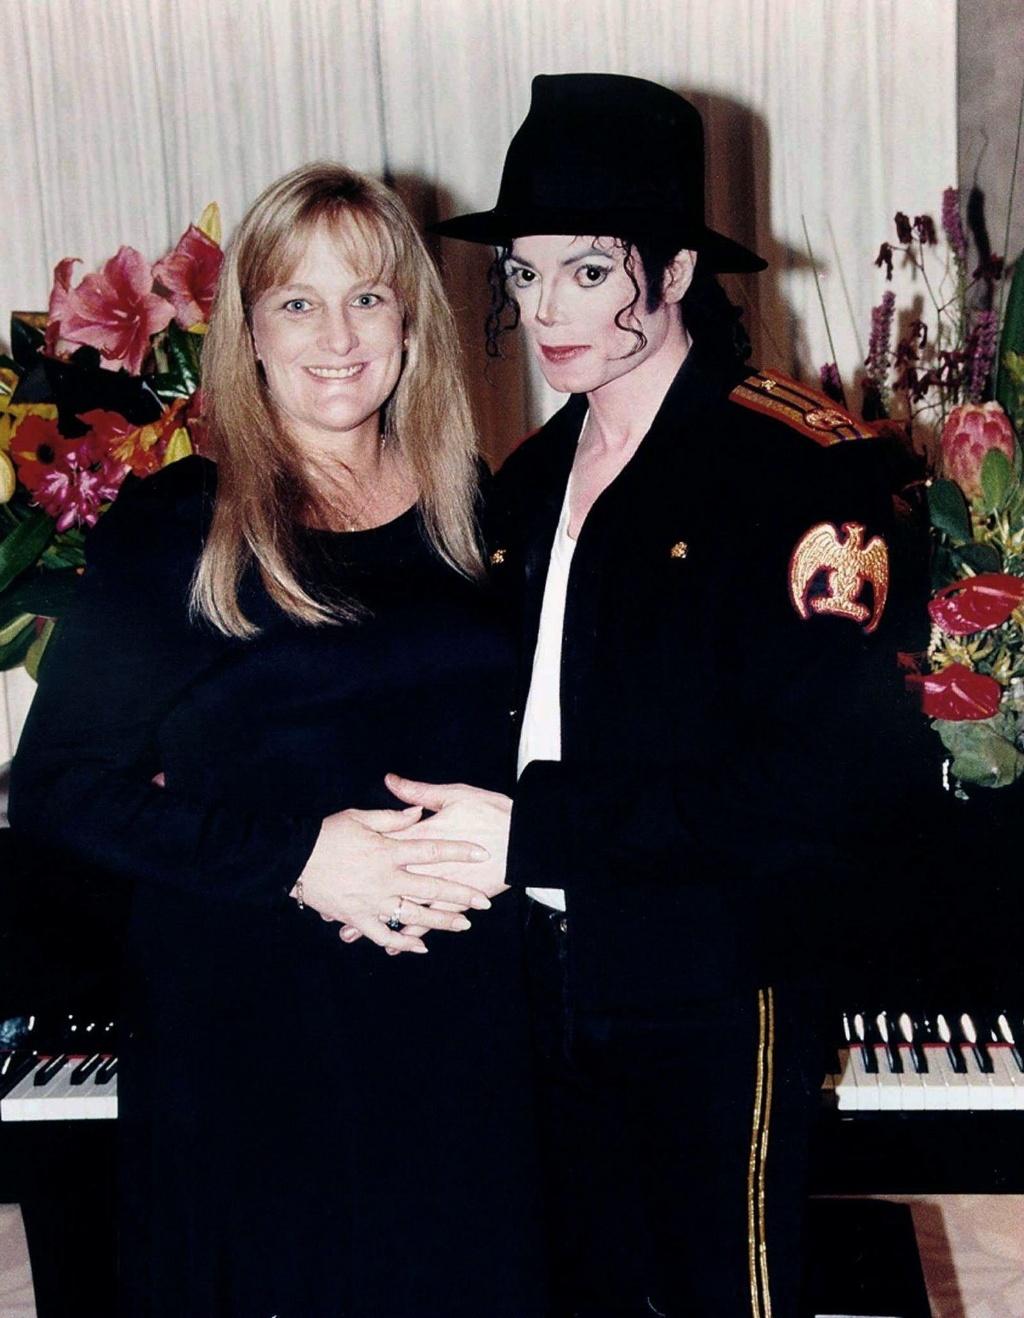 Debbie Rowe e Michael Jackson posam para foto de casamento na Califórnia (14/11/1996)